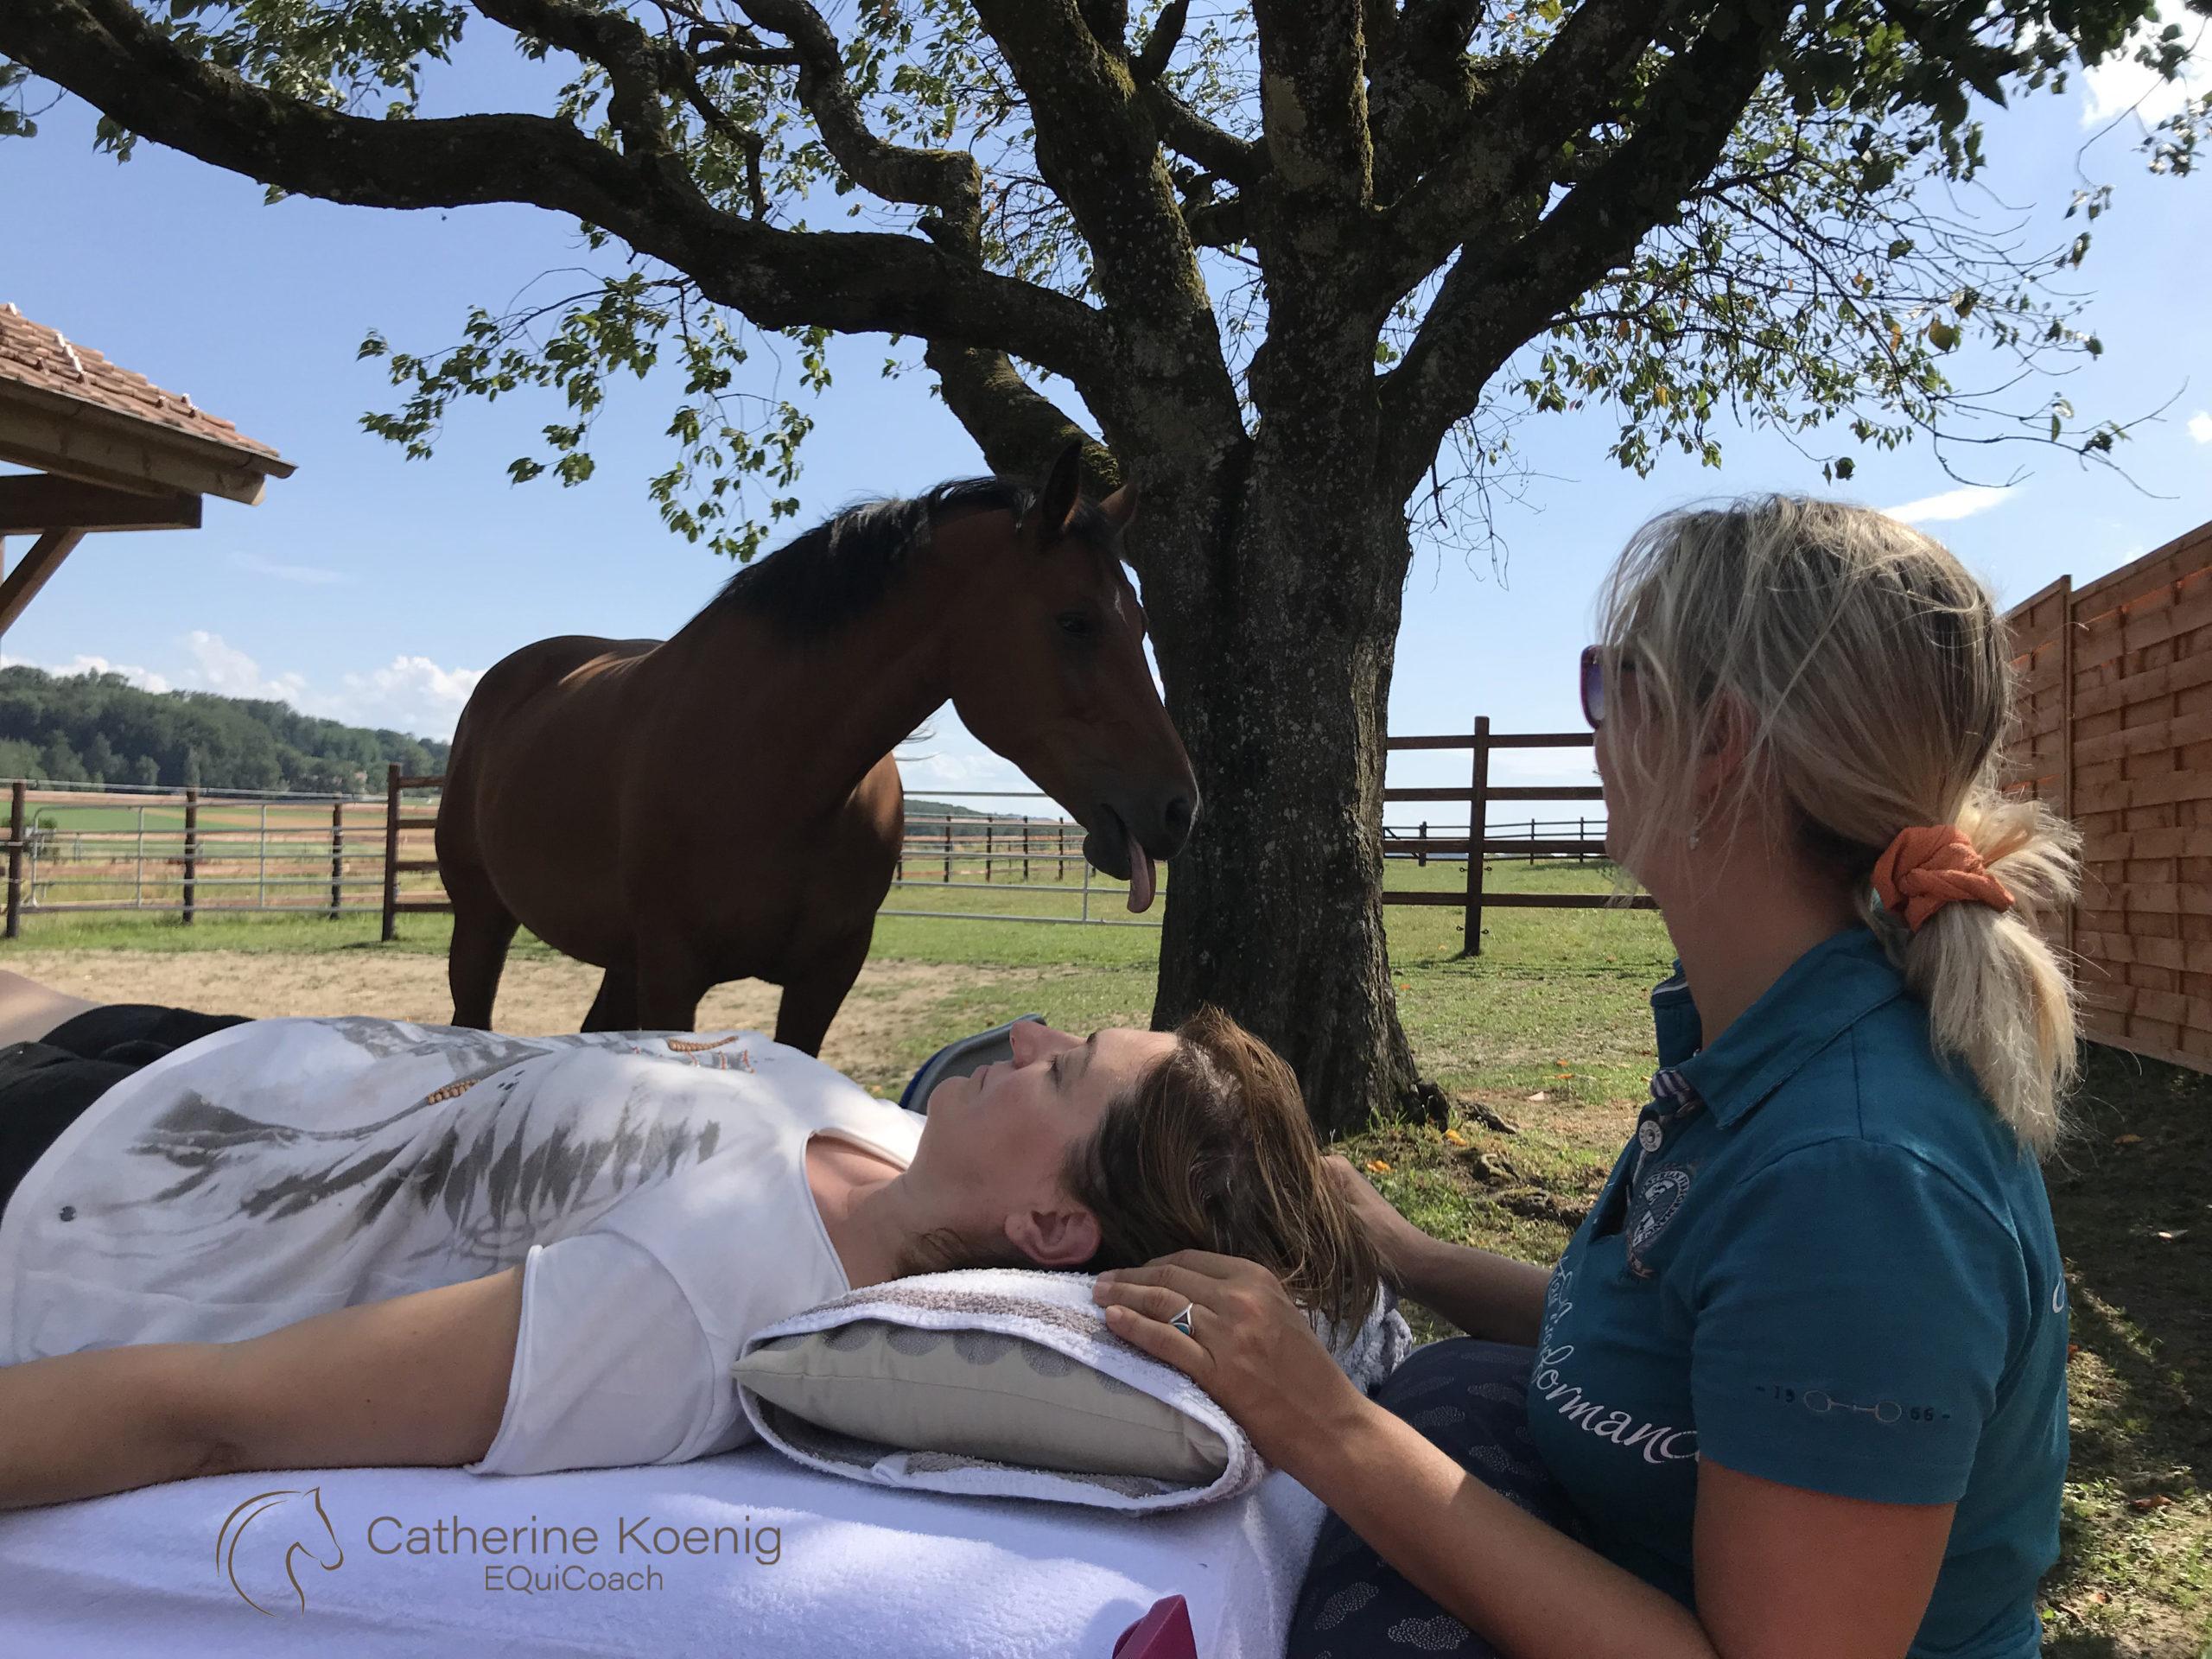 soin dans le jardin avec le cheval